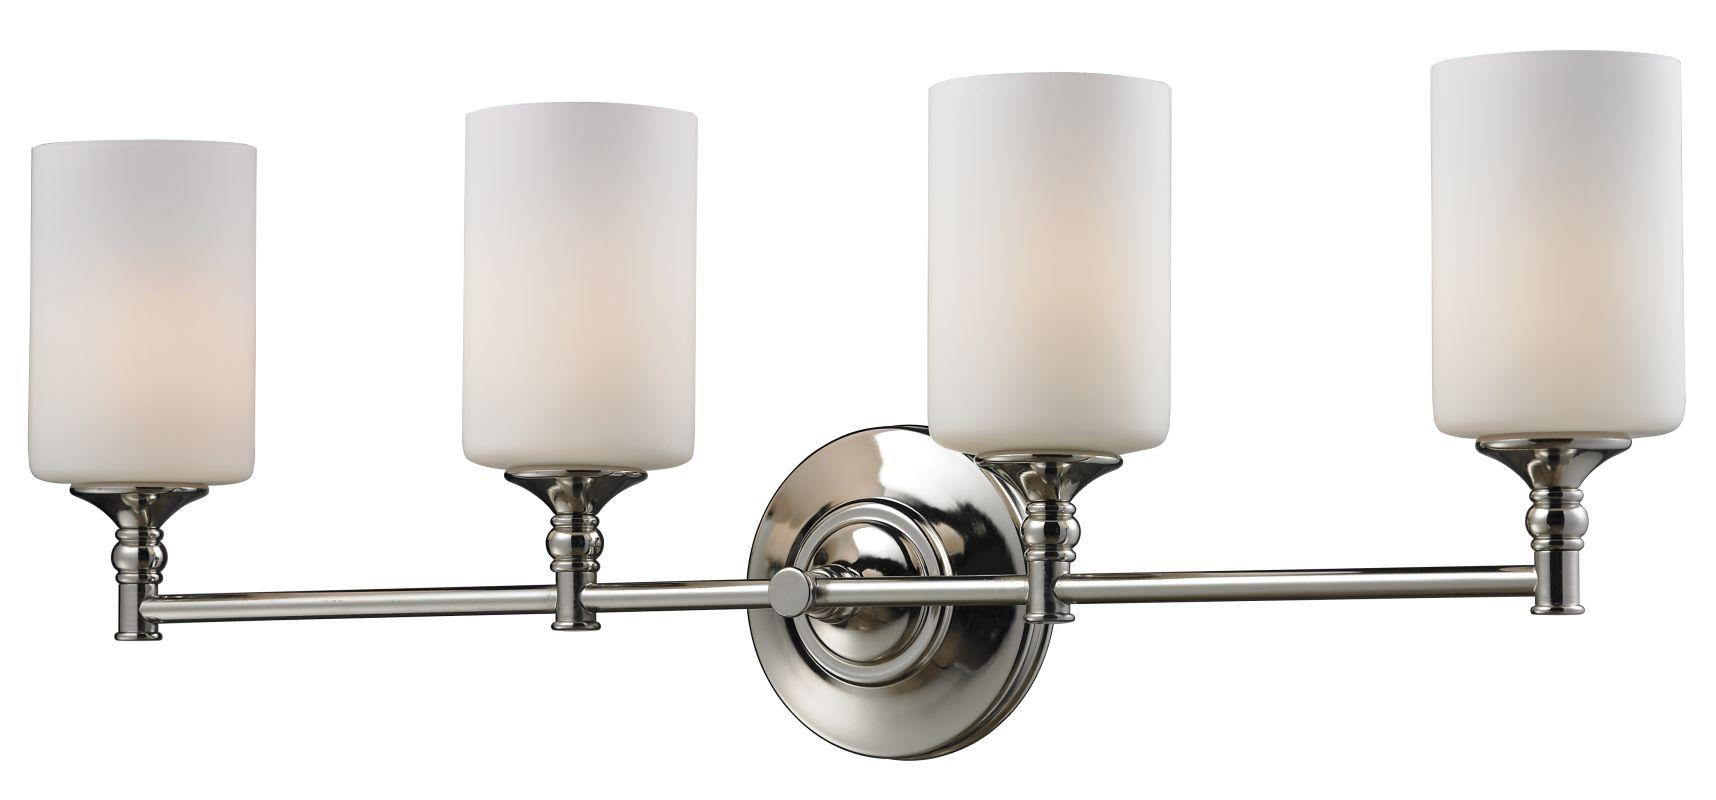 Z-Lite 2103-4V Cannondale 4 Light Bathroom Vanity Light with Matte Sale $208.00 ITEM: bci2485411 ID#:2103-4V UPC: 685659016925 :